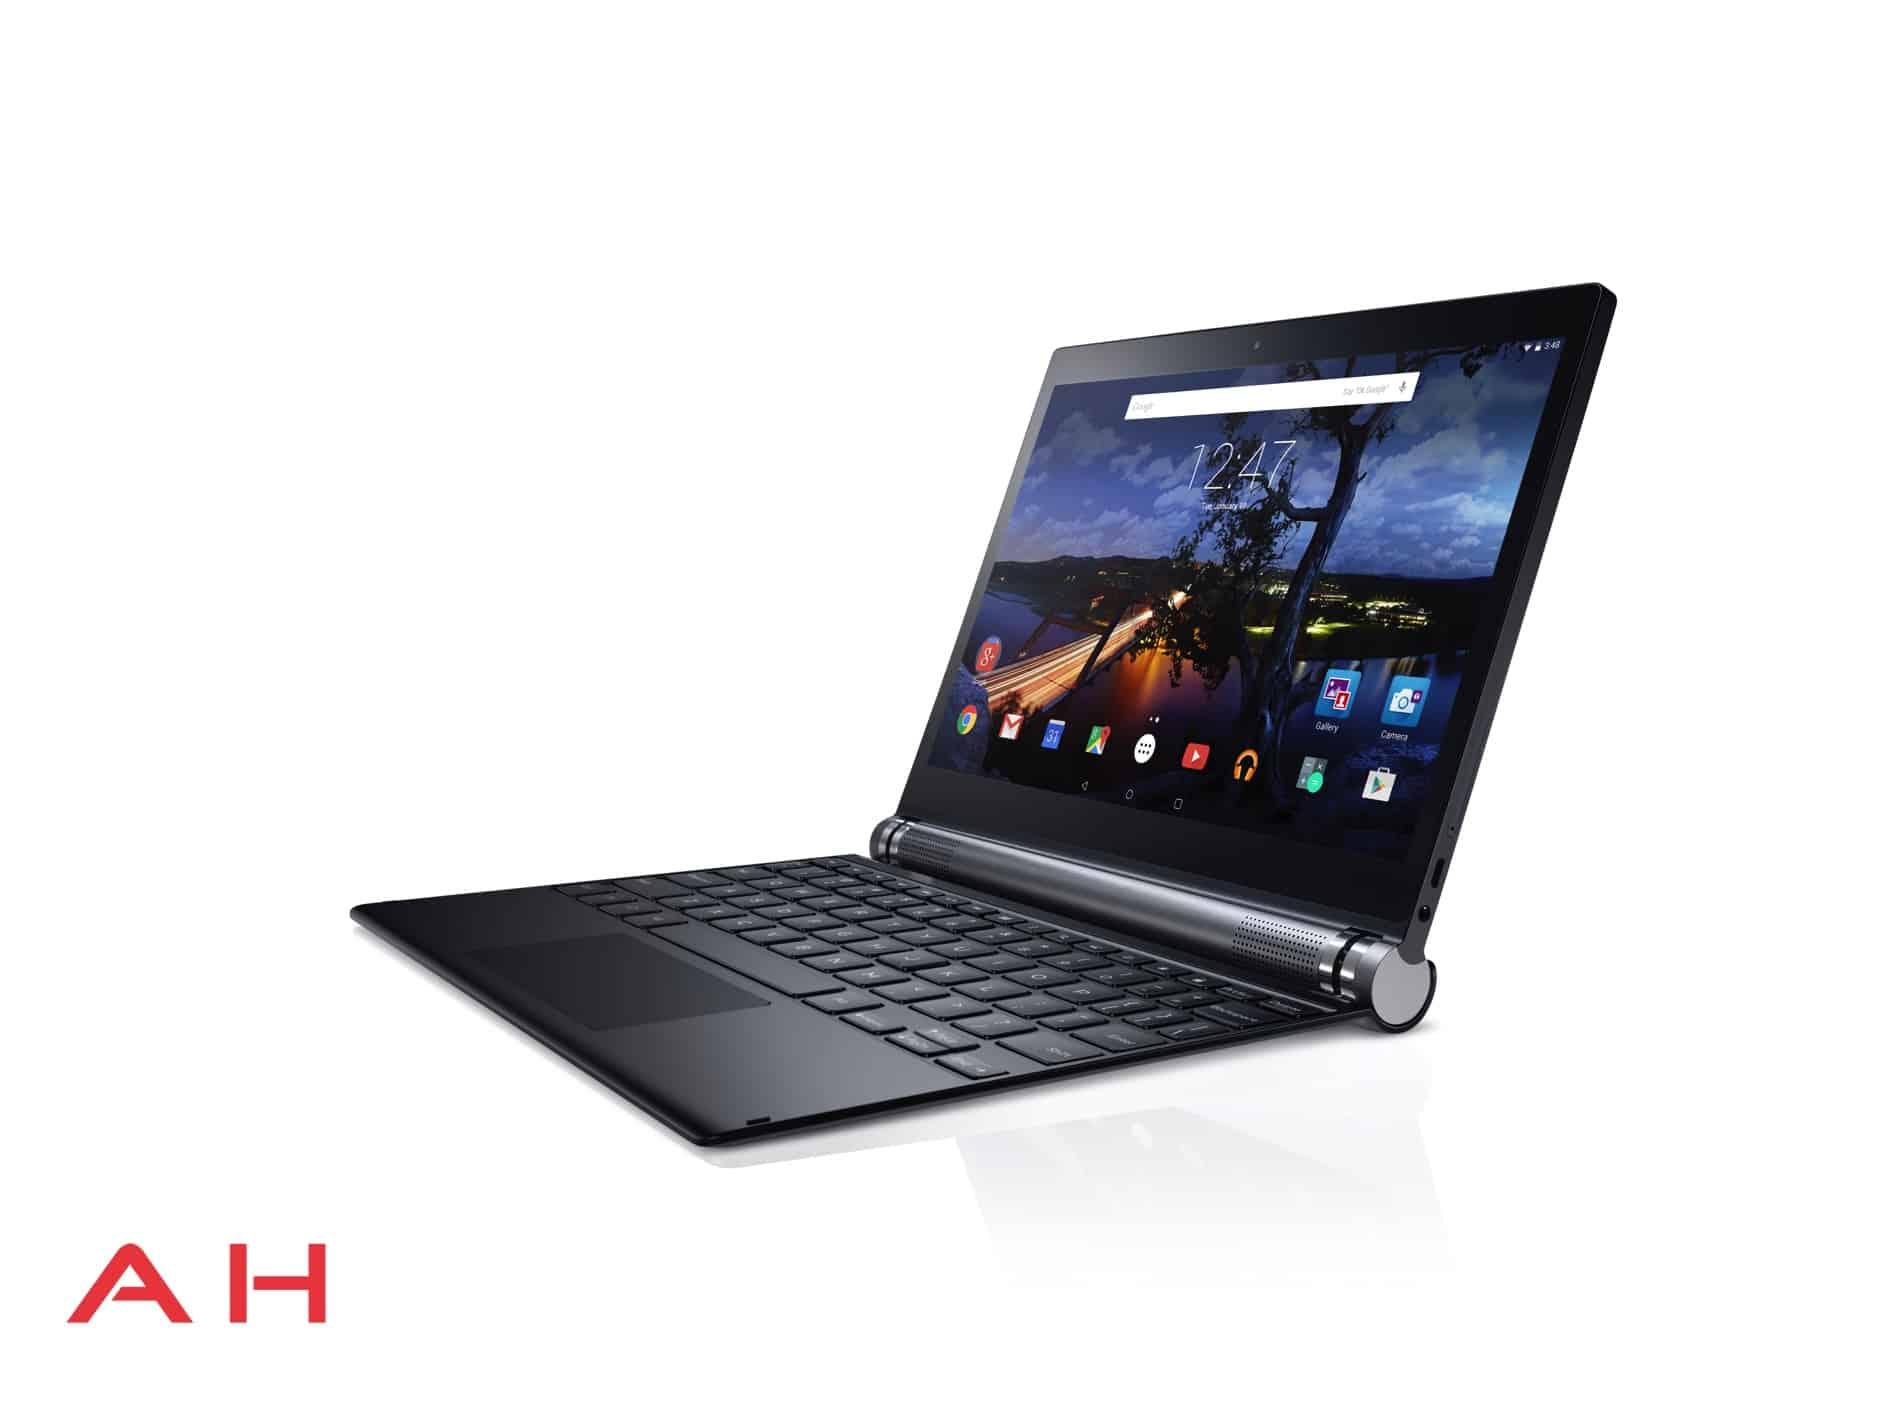 Dell Venue 10 AH 13